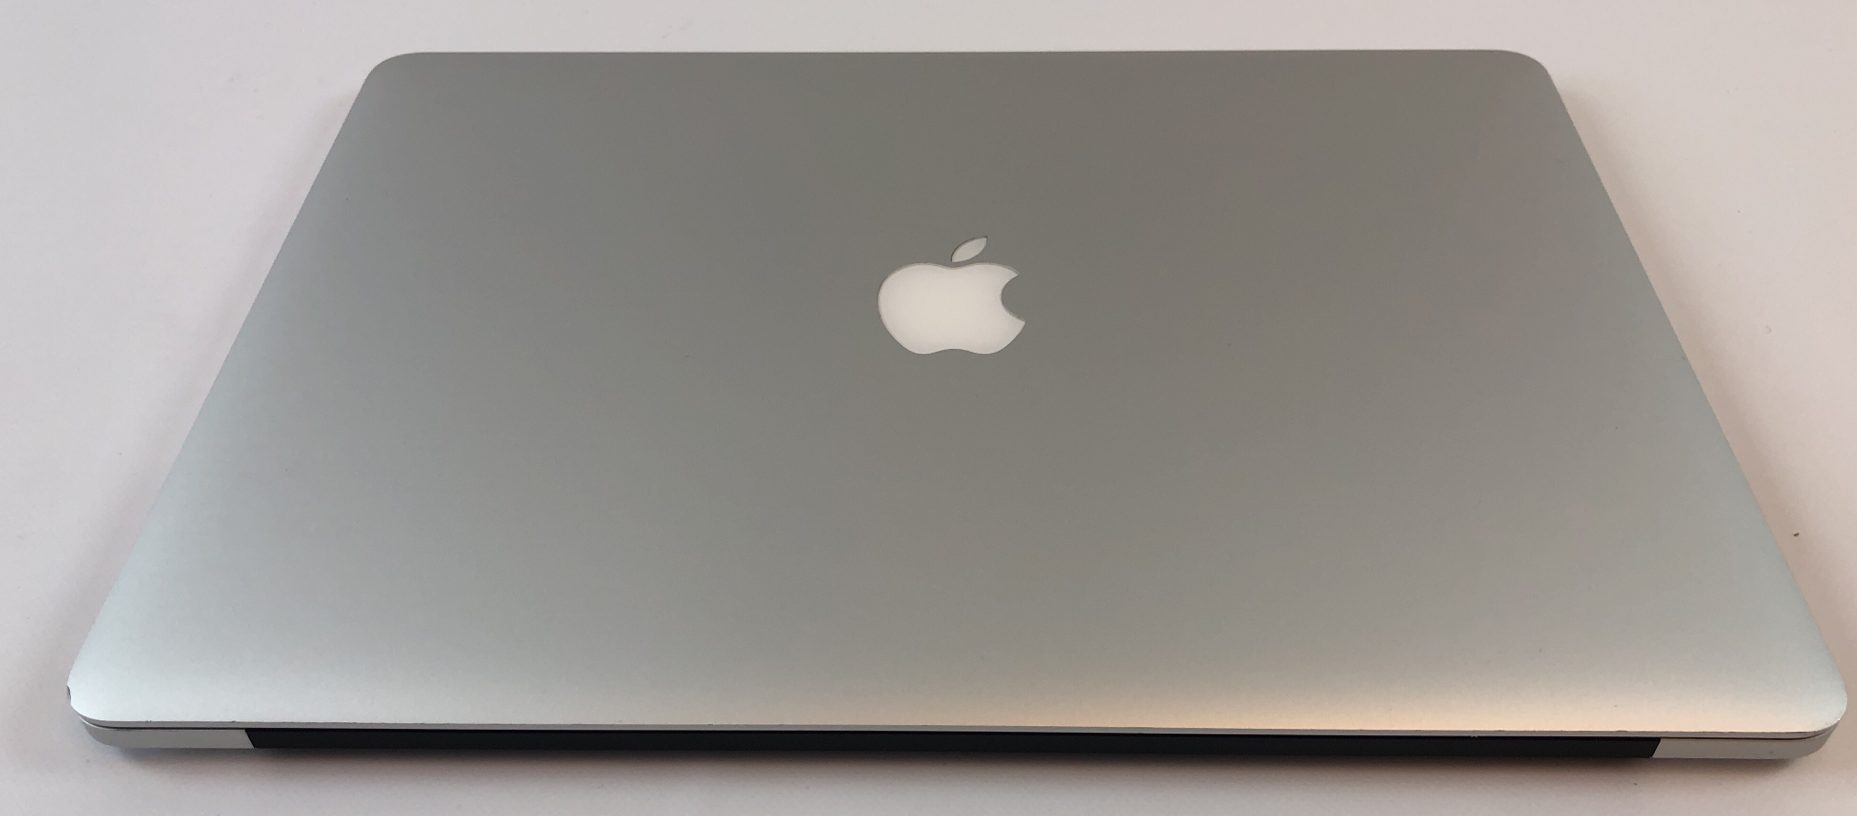 """MacBook Pro Retina 15"""" Mid 2015 (Intel Quad-Core i7 2.8 GHz 16 GB RAM 256 GB SSD), Intel Quad-Core i7 2.8 GHz, 16 GB RAM, 256 GB SSD, Kuva 2"""